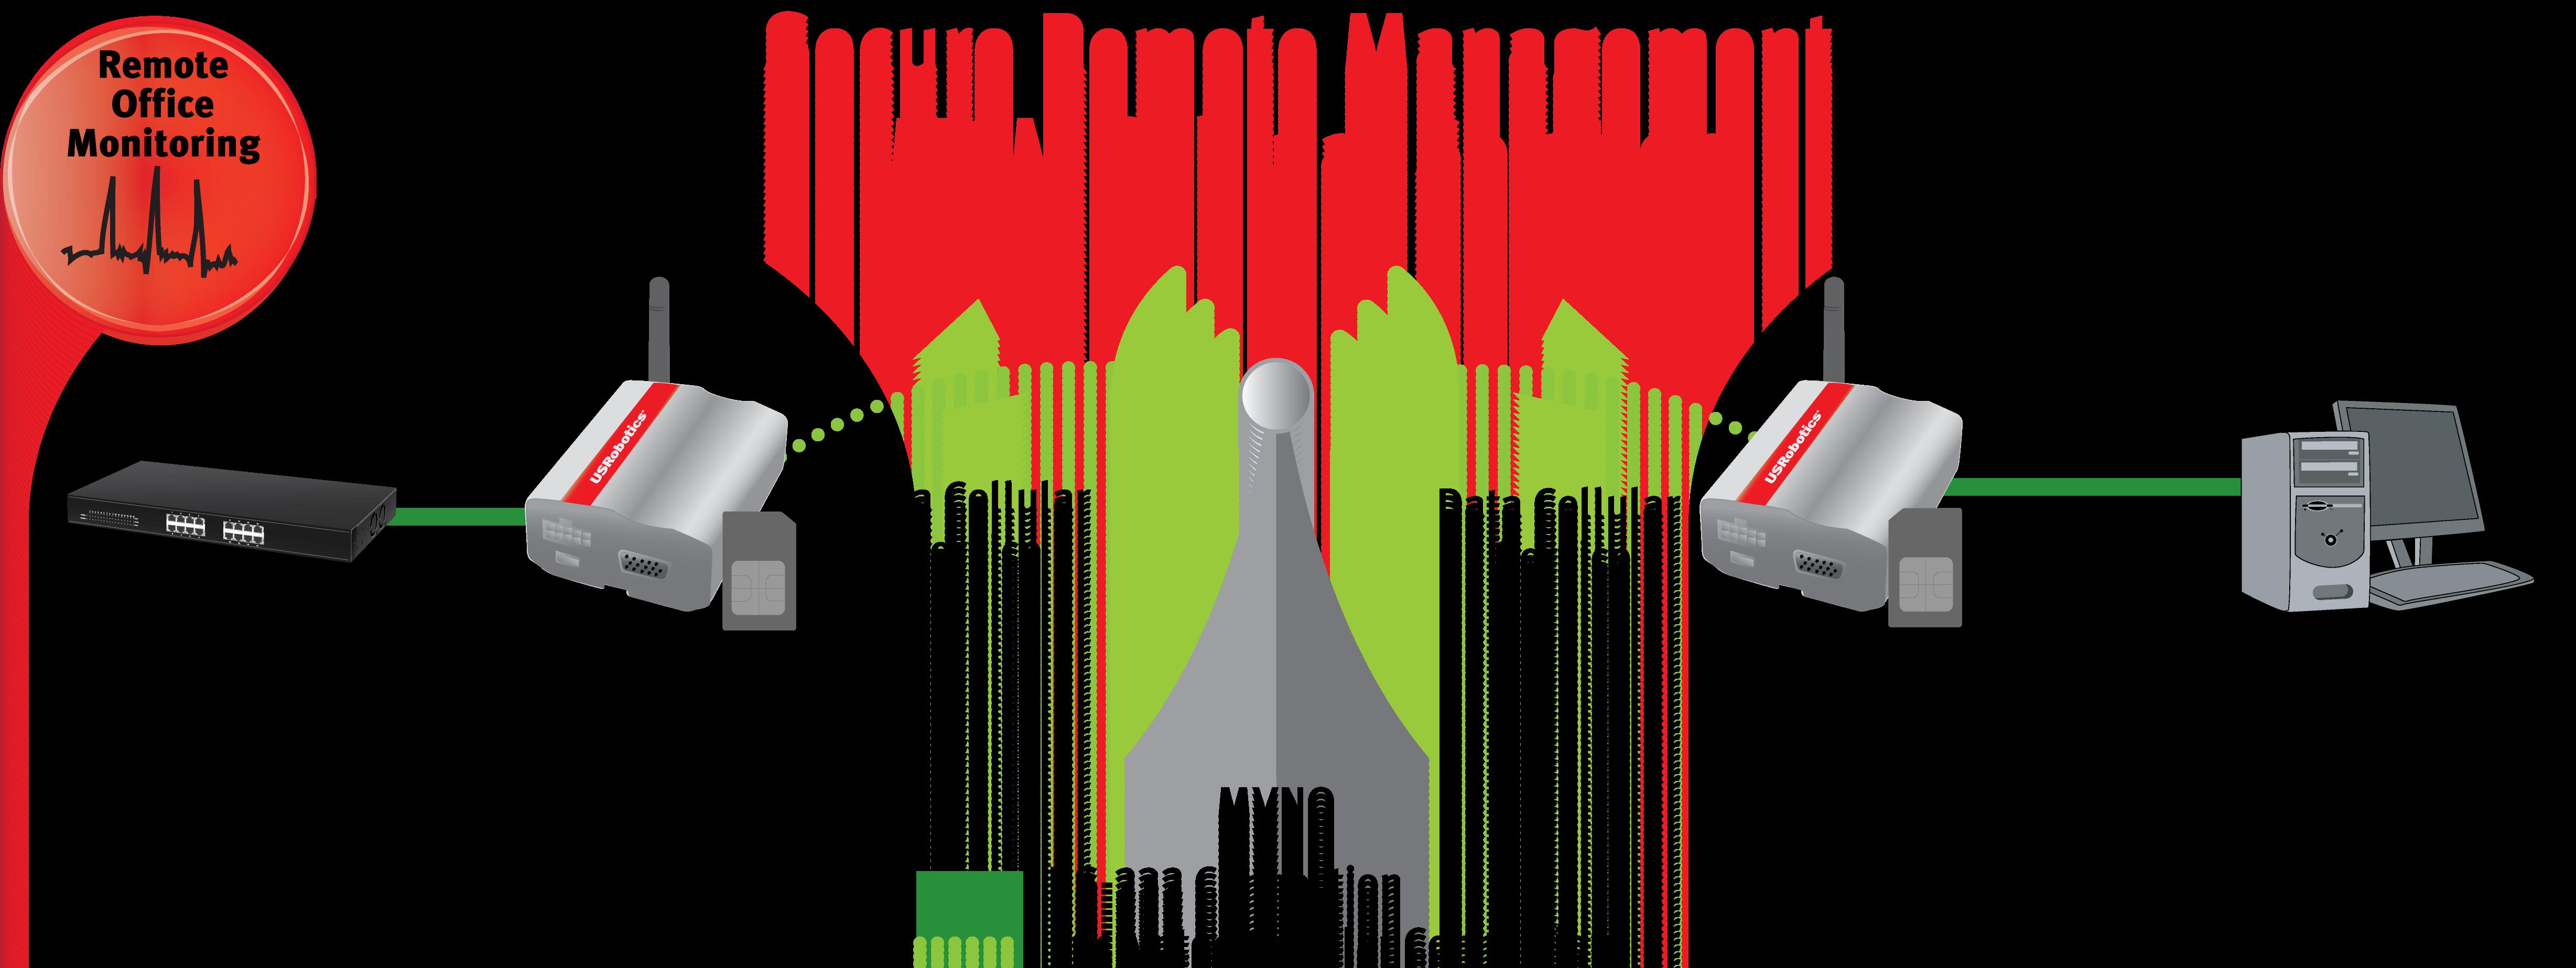 Usr Usr3500 M2m 3g Cellular Modem Ic For Process Control Peer To Remote Management